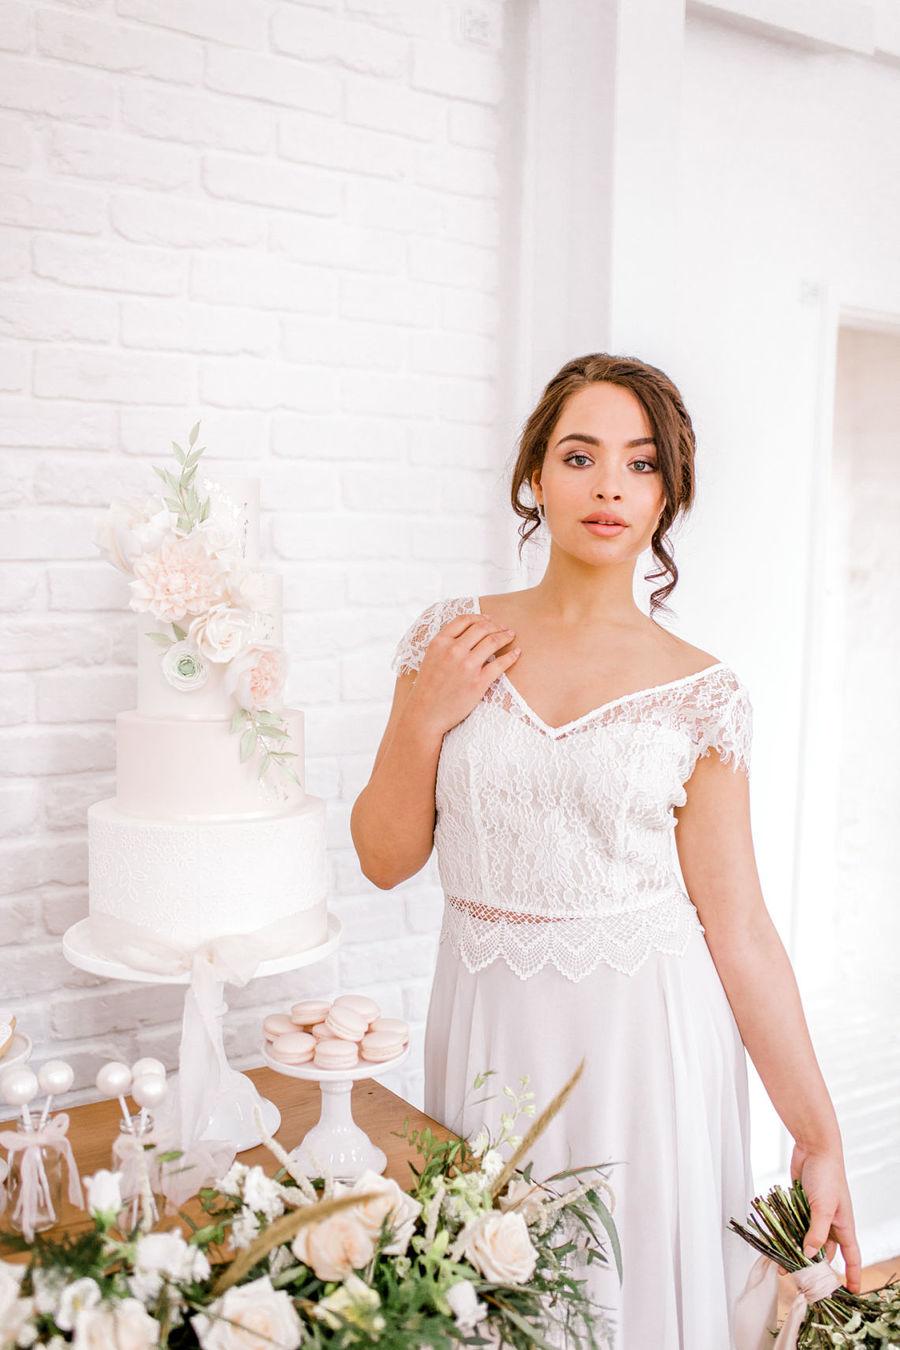 Minimal elegant wedding style ideas by Wildflower Wedding Planner Natasha, images Helene Elliott Photography (21)